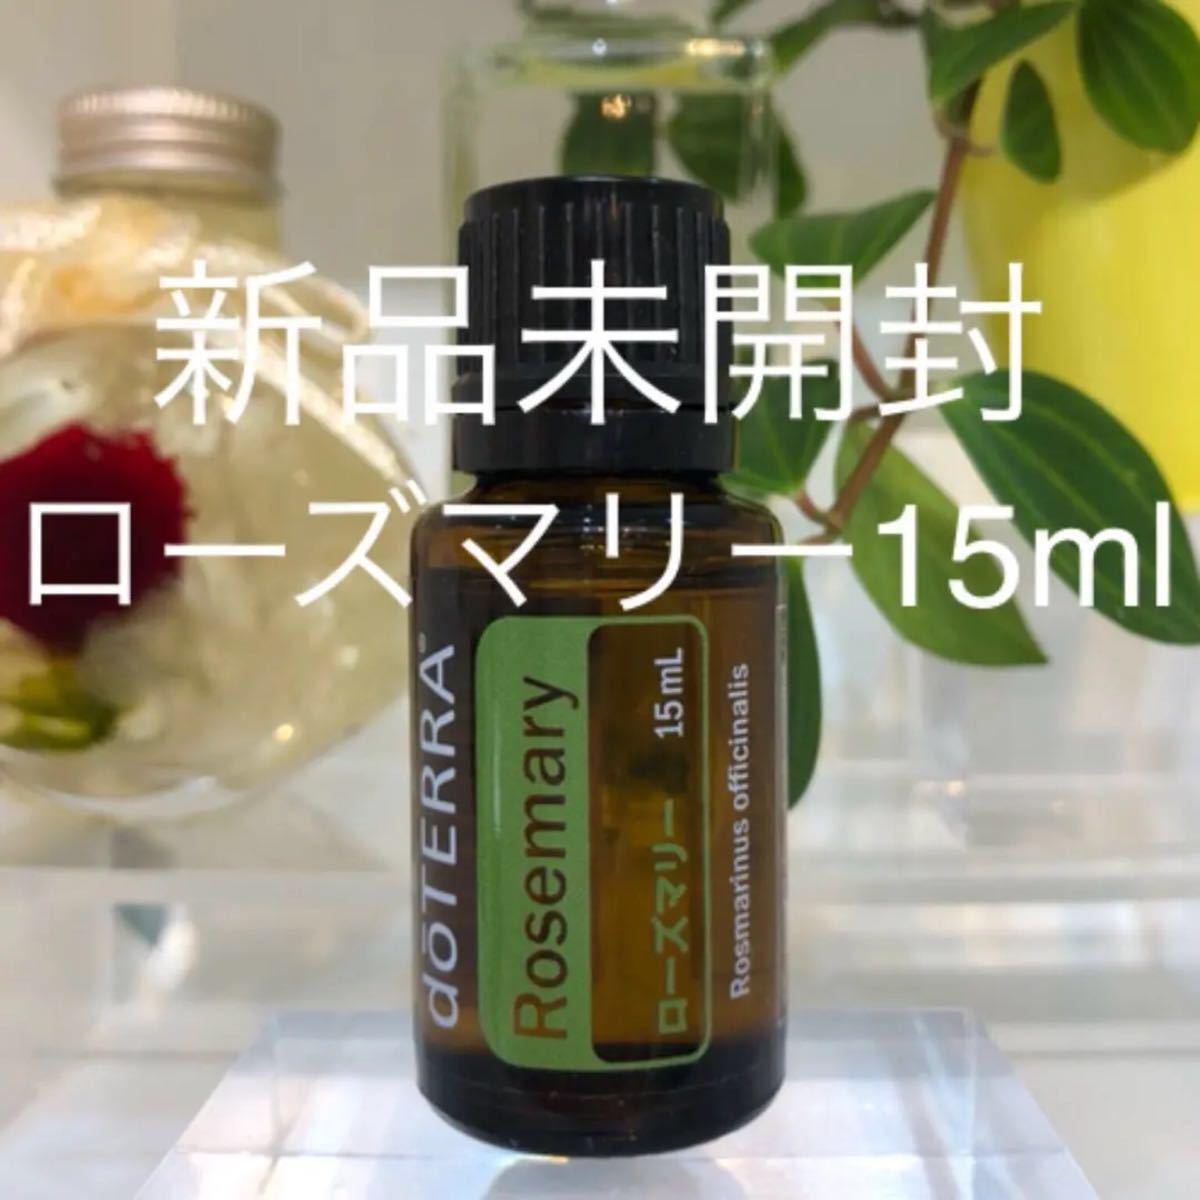 マツダイラ 様専用ページ/ドテラ